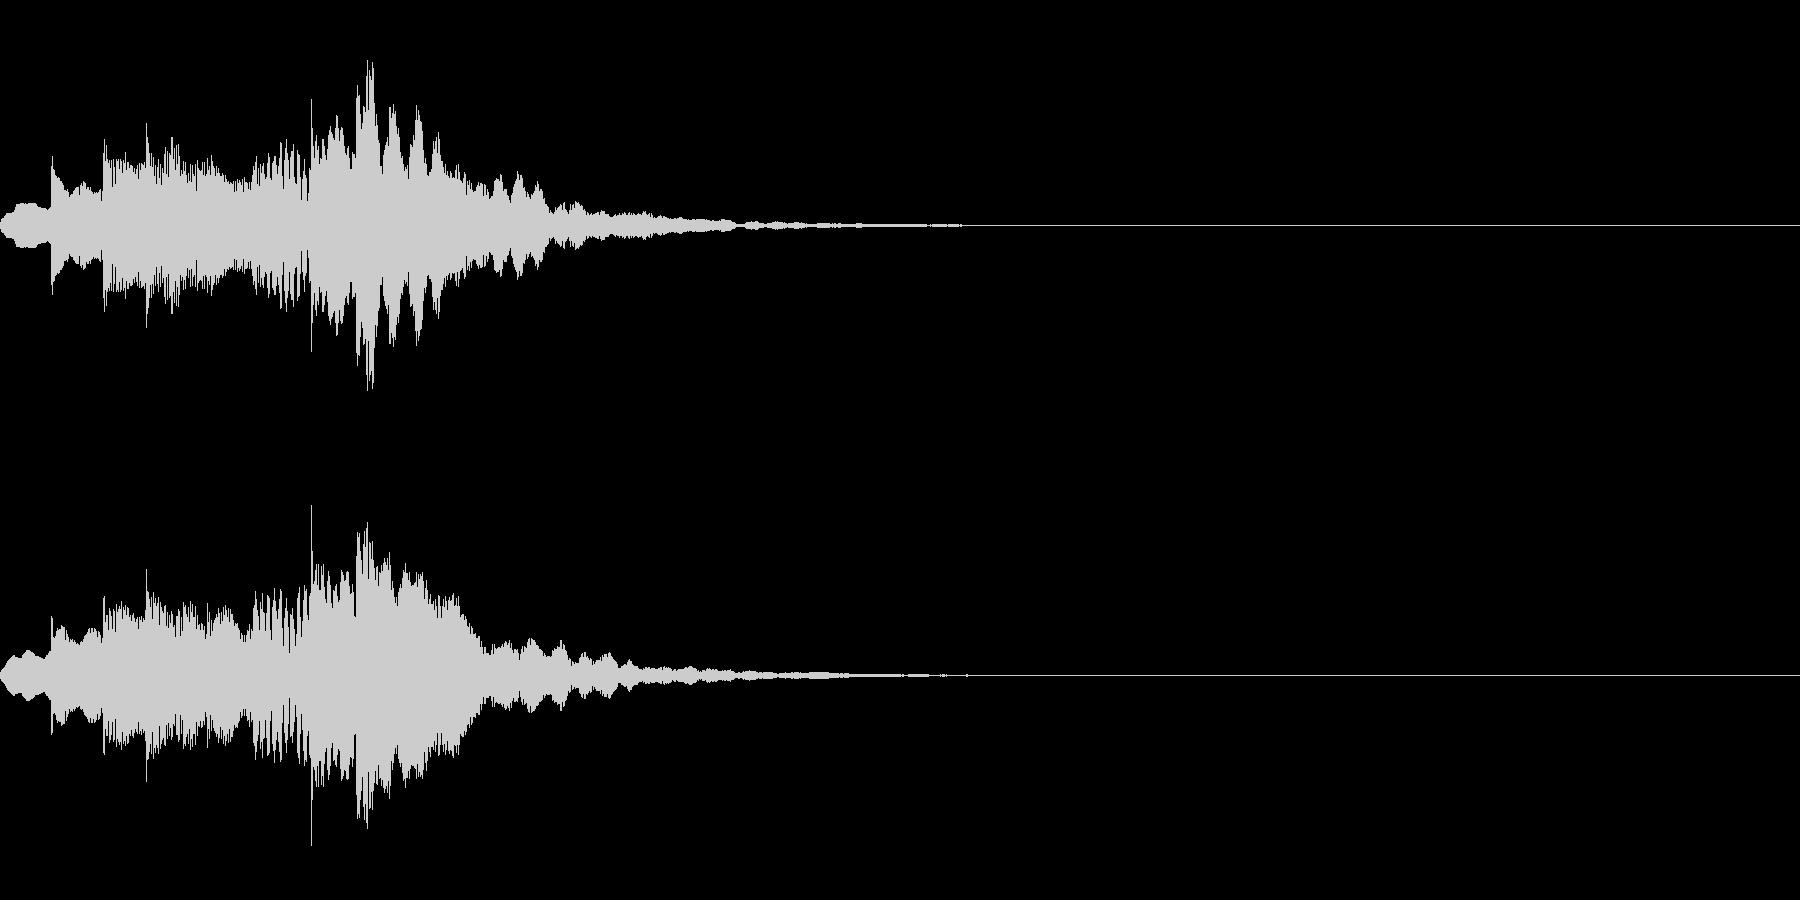 注意喚起を促す効果音・メジャー系の未再生の波形